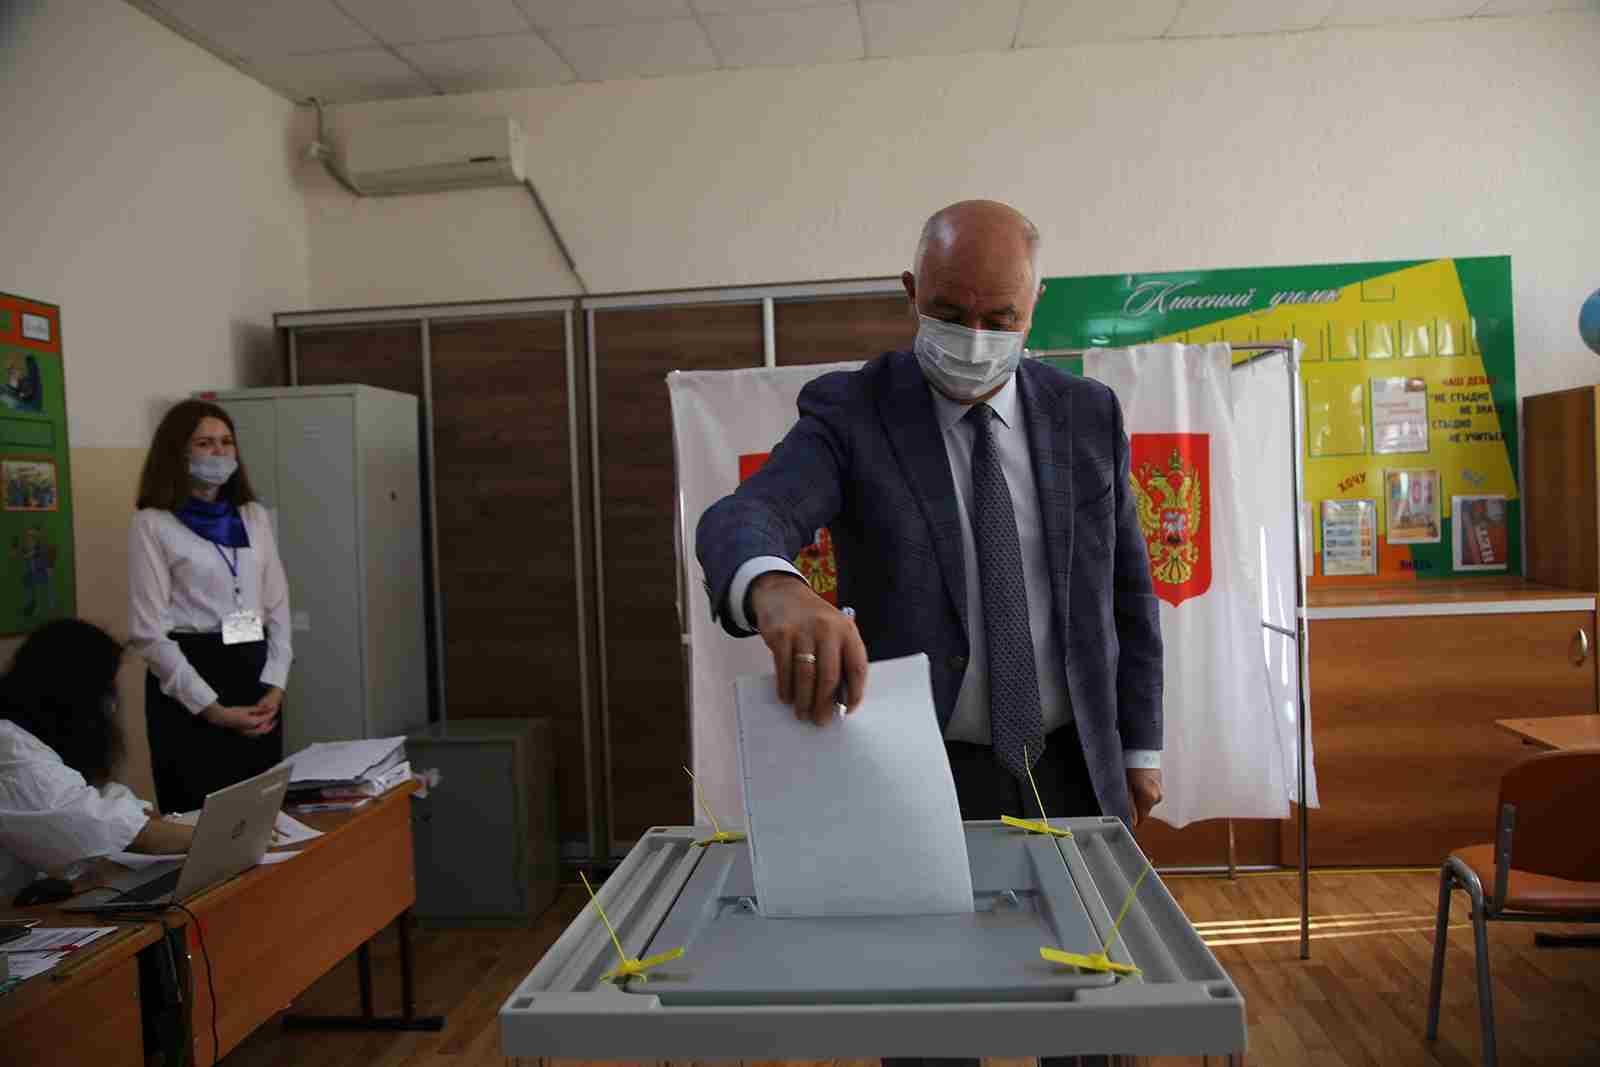 Глава Новороссийска Игорь Дяченко принял участие в голосовании и разъяснил, почему надо идти на выборы